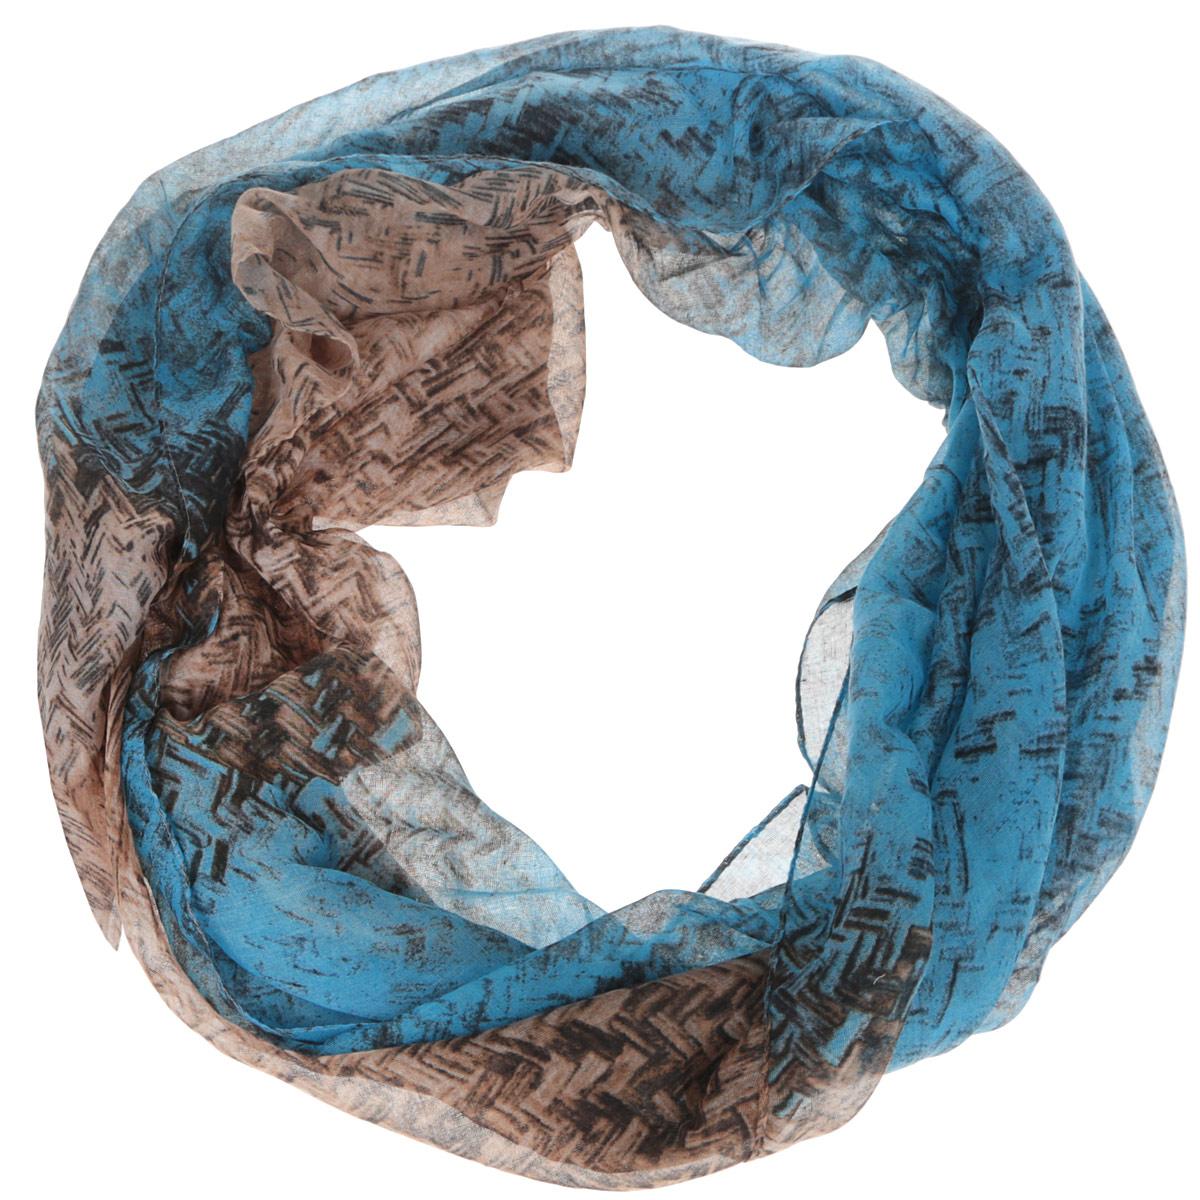 Шарф женский. TUT084TUT084-3Модный женский шарф Fabretti подарит вам уют и станет стильным аксессуаром, который призван подчеркнуть вашу индивидуальность и женственность. Тонкий шарф выполнен из высококачественной 100% вискозы, он невероятно мягкий и приятный на ощупь. Шарф оформлен принтом с изображением геометрического плетения. Этот модный аксессуар гармонично дополнит образ современной женщины, следящей за своим имиджем и стремящейся всегда оставаться стильной и элегантной. Такой шарф украсит любой наряд и согреет вас в непогоду, с ним вы всегда будете выглядеть изысканно и оригинально.